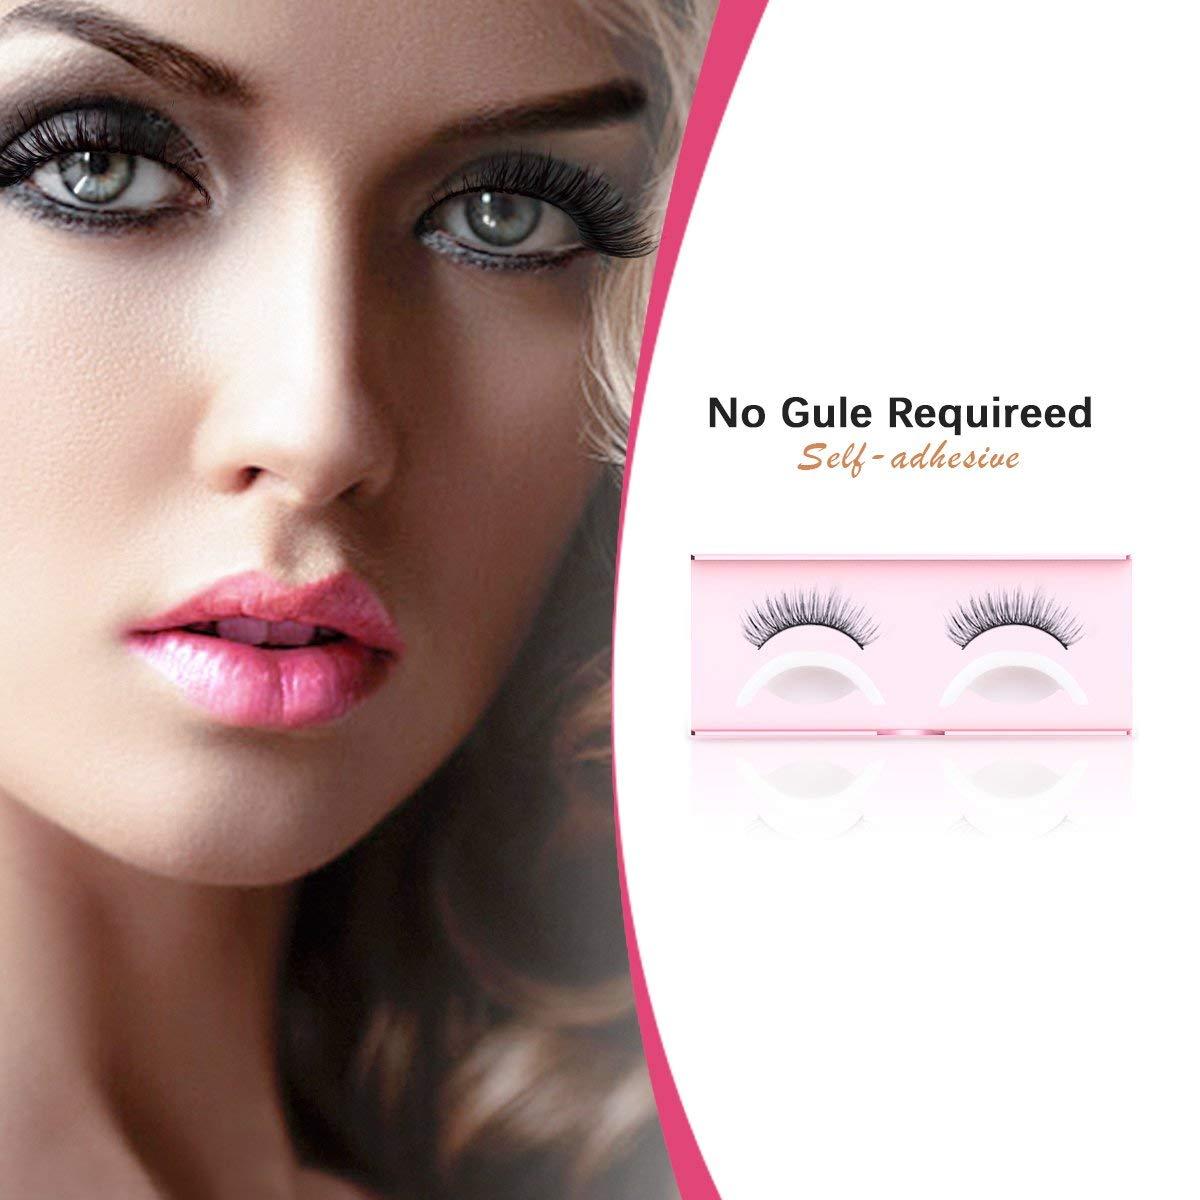 bddab0de88c Get Quotations · False Eyelashes Pack, FYPO Self-adhesive Fake Eyelashes  Set with Tape for Women,